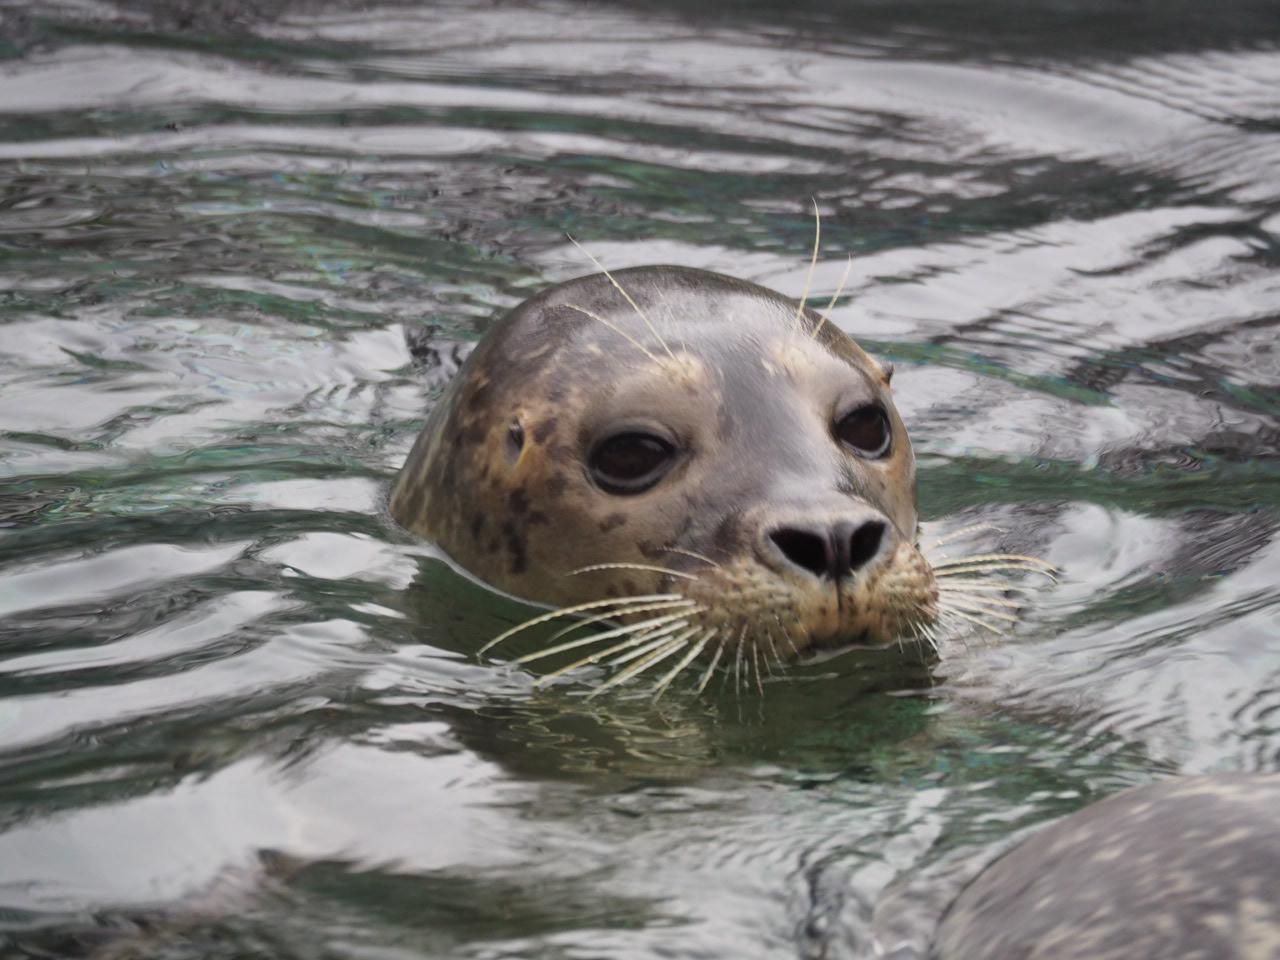 Seehund im Wasser, Tierpark Bochum